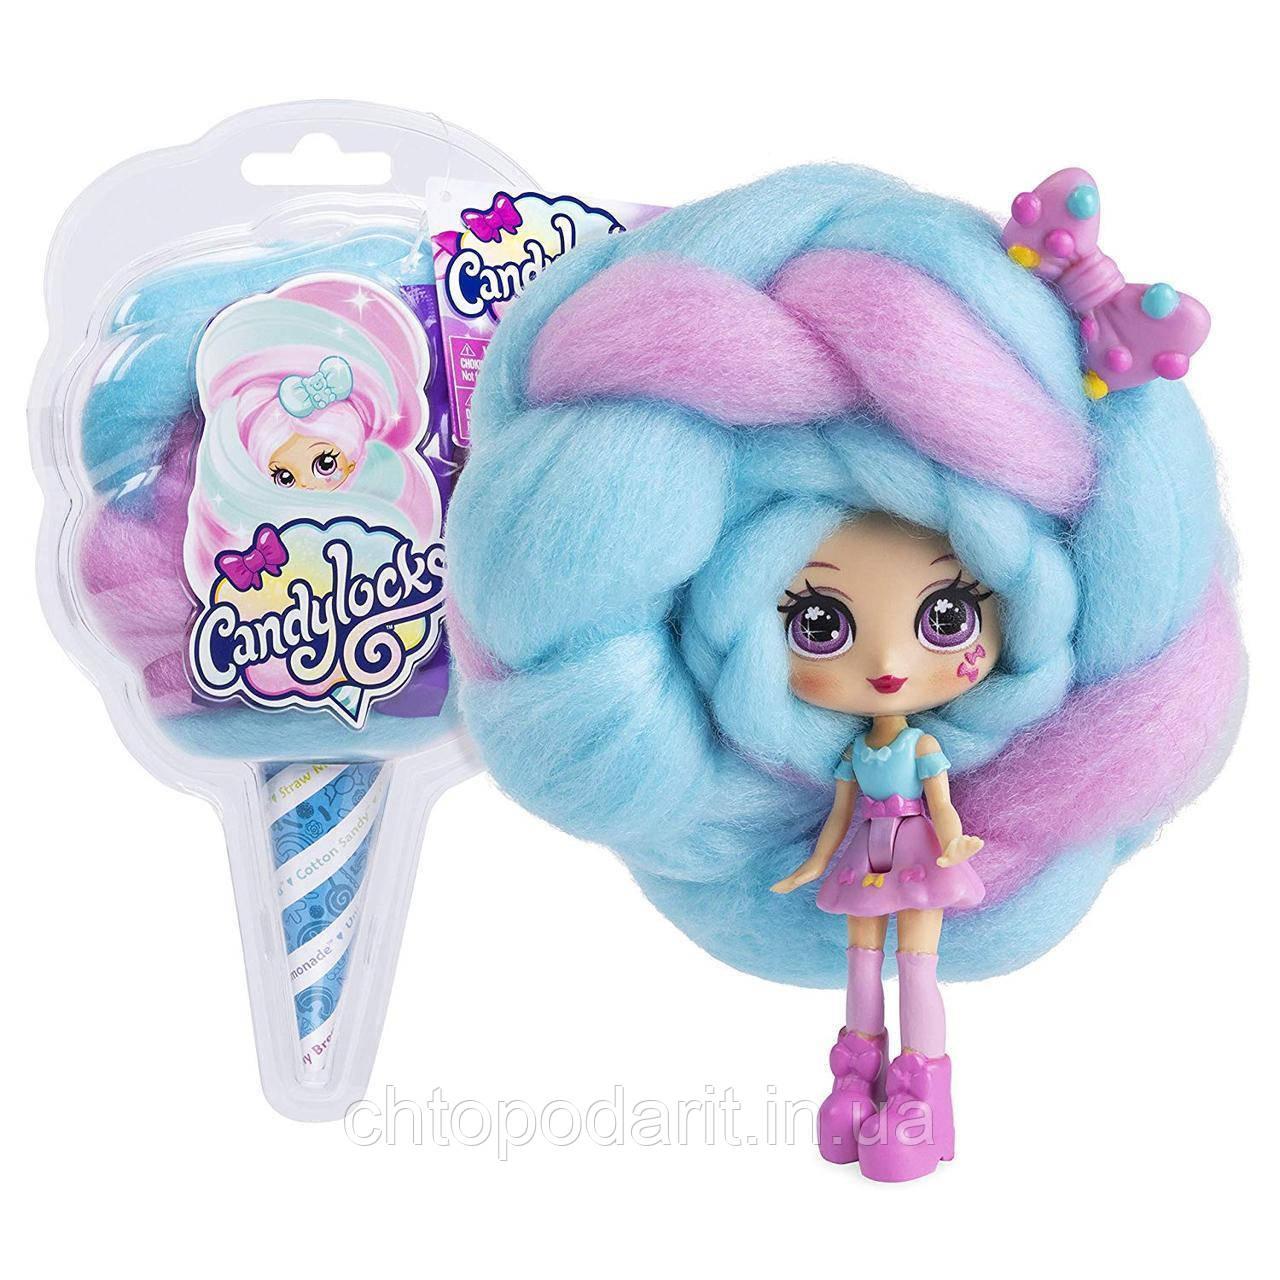 """Кукла """"Кендилукс сладкая вата"""" Candylocks с цветными волосами Код 12-1854"""